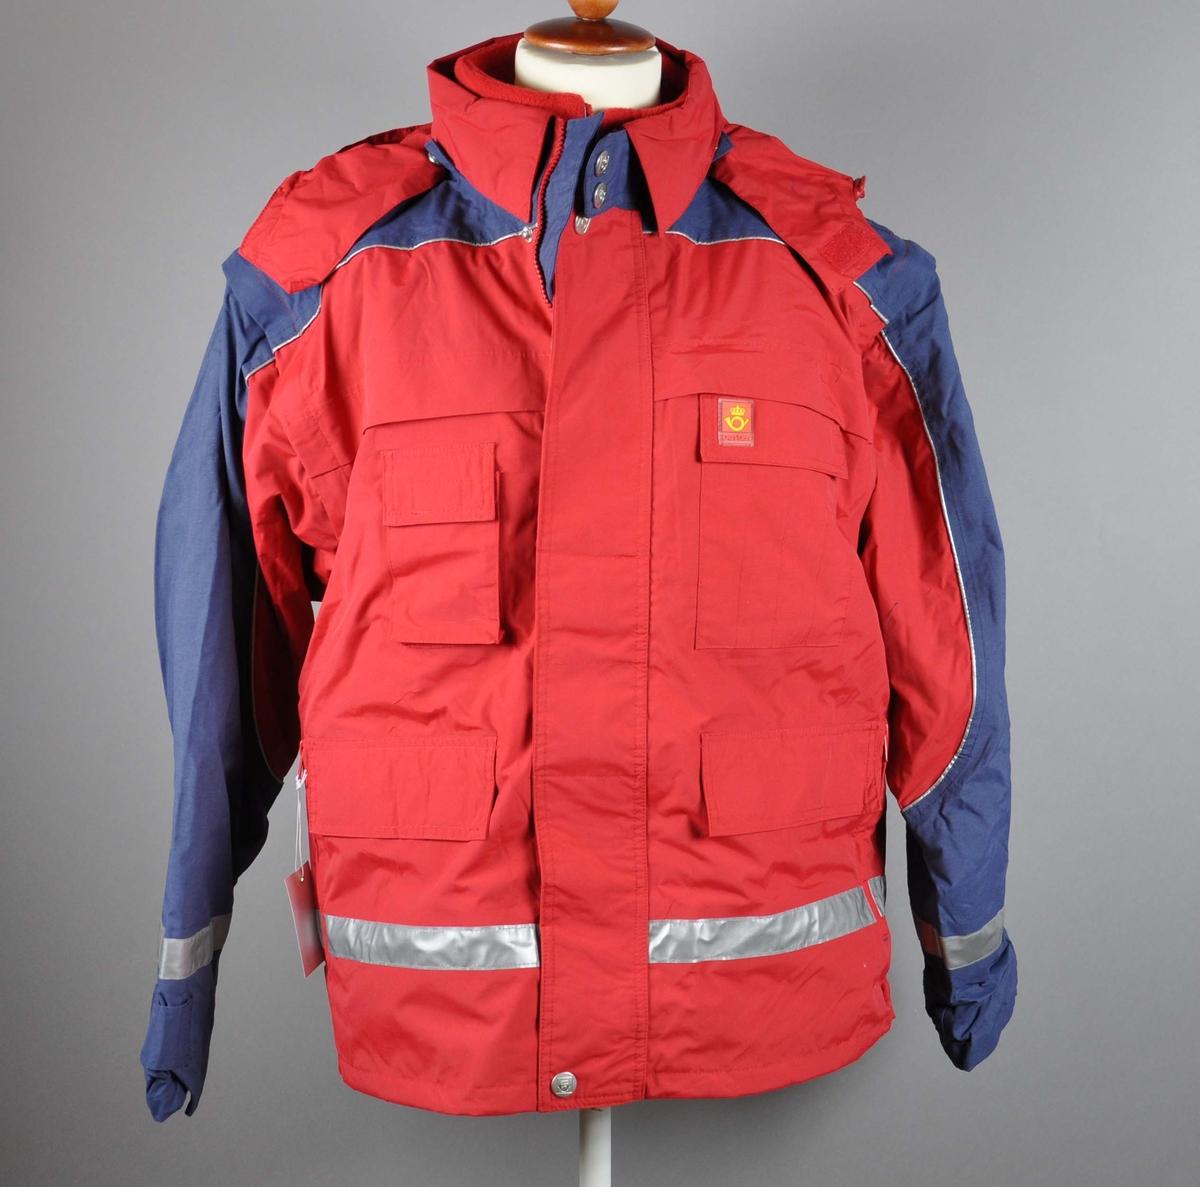 Rød uniformsjakke med påskrift og postlogo. 6 lommer og mobillomme. Med hette og avtagbart for. Refleksbånd i livet og på ermene.  Størrelse M- Mann 48, Dame 40.